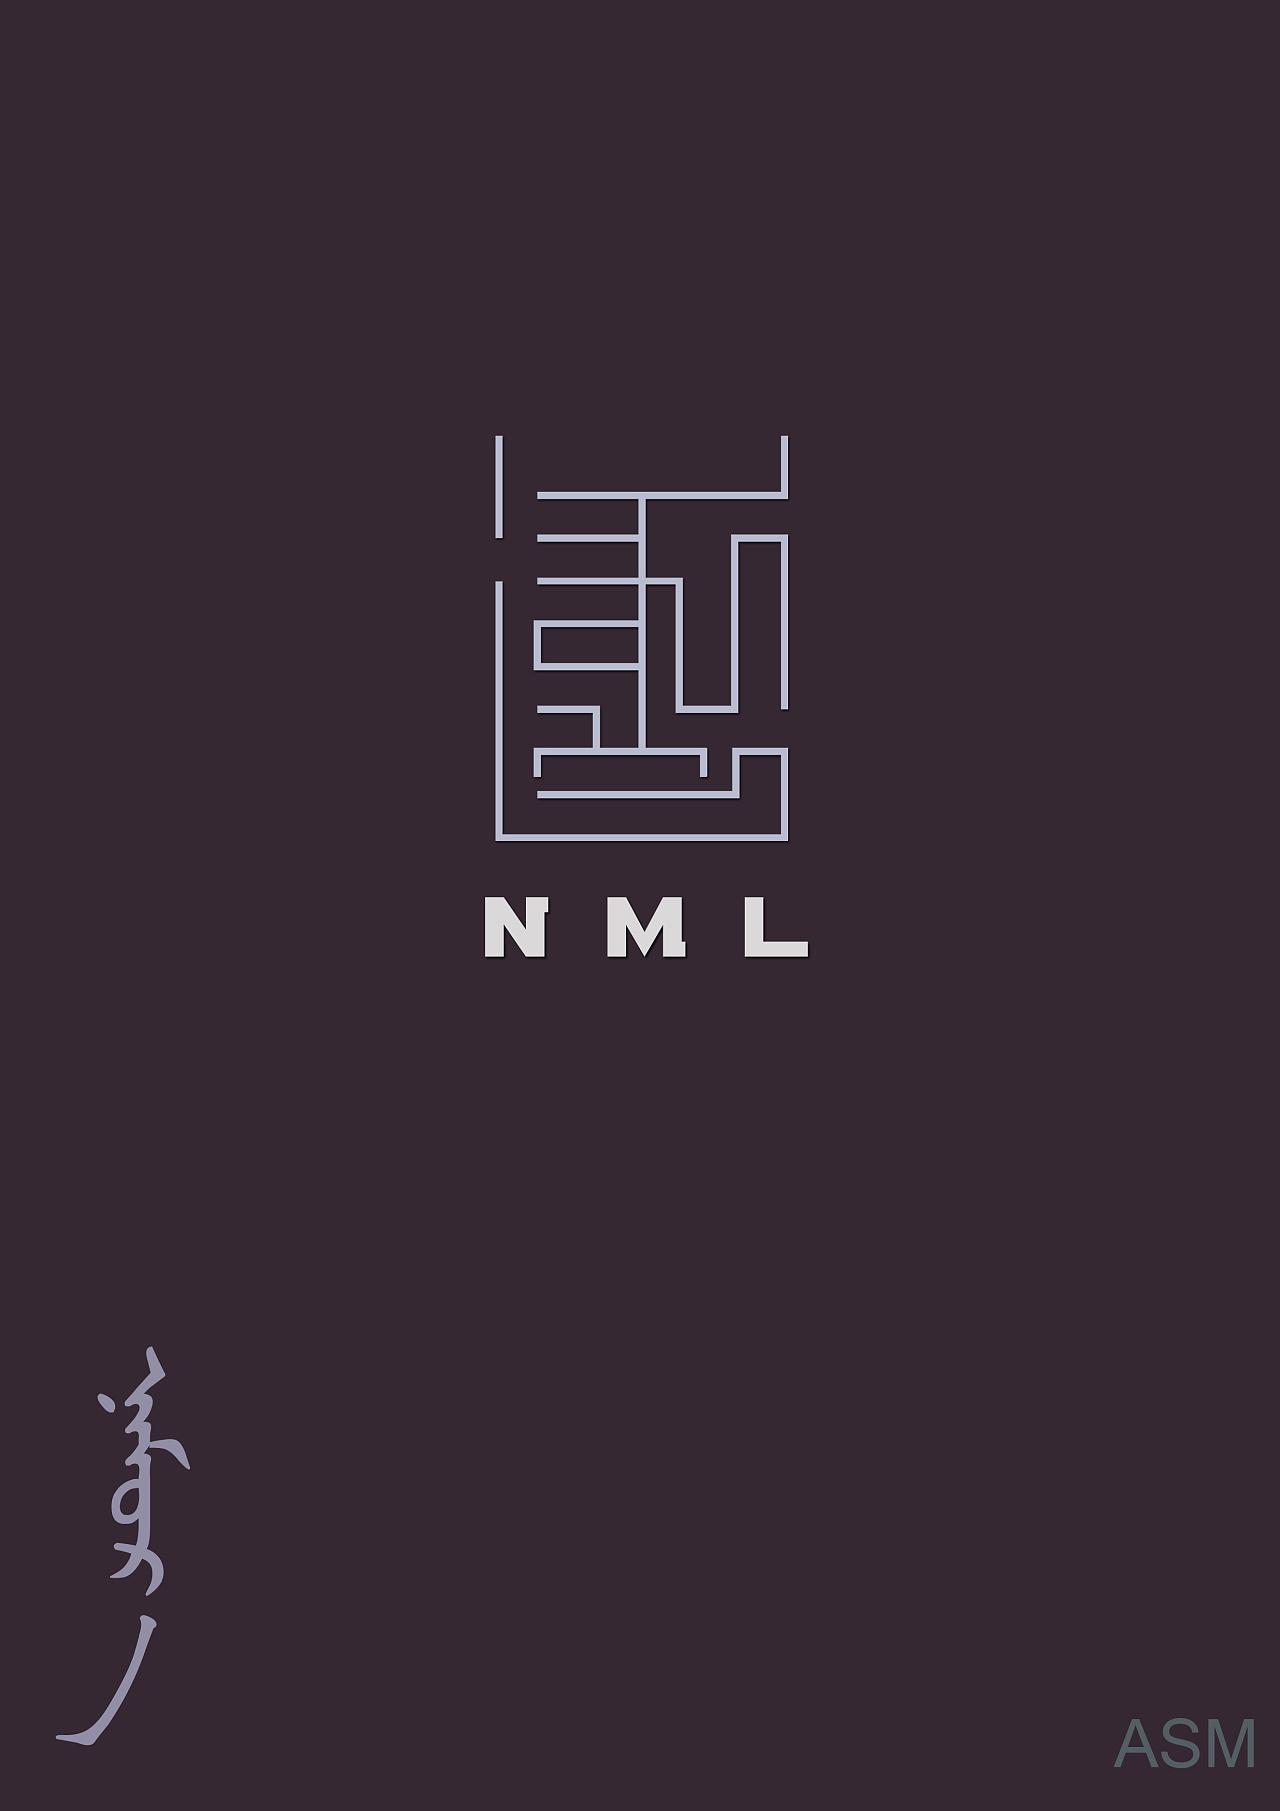 蒙古艺术文字3 -阿斯玛设计 第7张 蒙古艺术文字3 -阿斯玛设计 蒙古设计